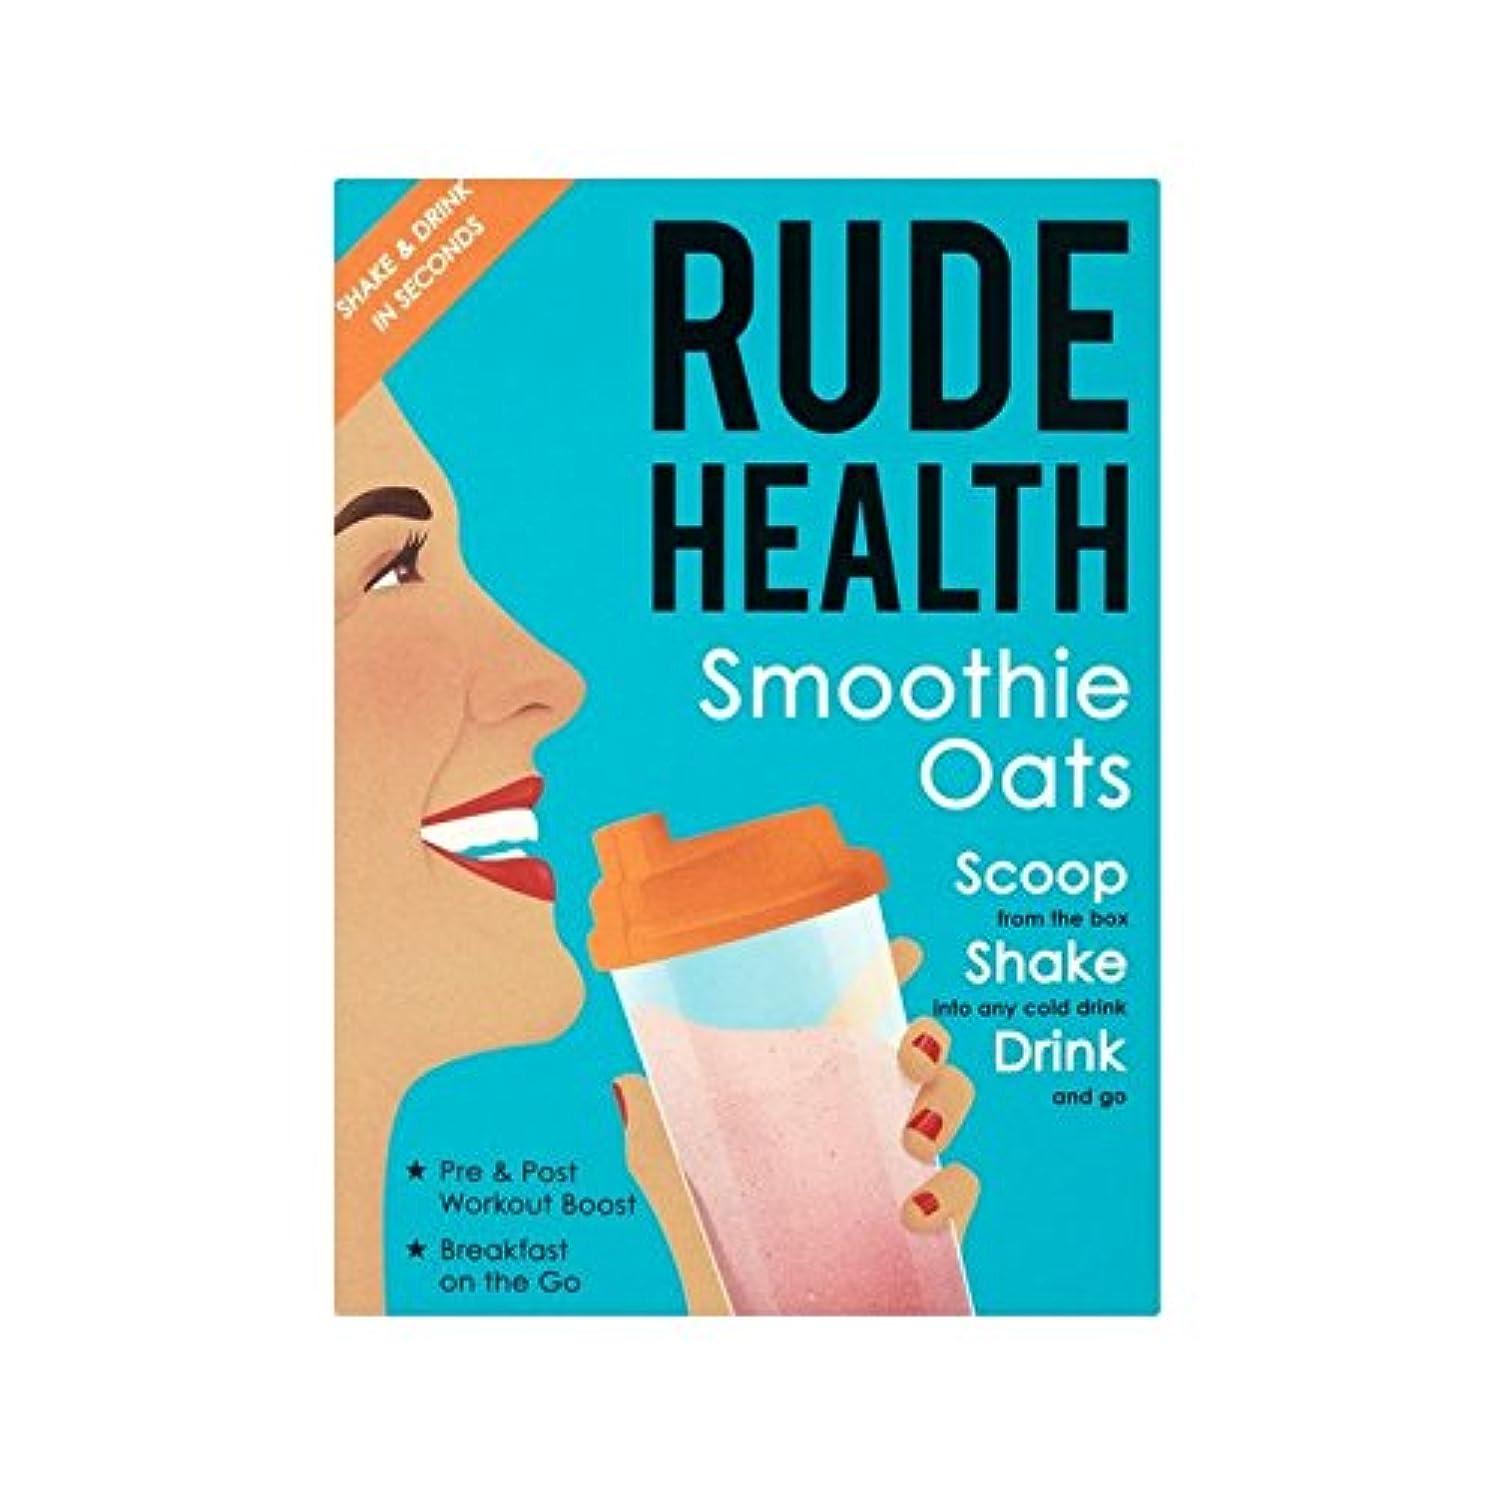 持っているファームたくさんスムージーオート麦250グラム (Rude Health) - Rude Health Smoothie Oats 250g [並行輸入品]